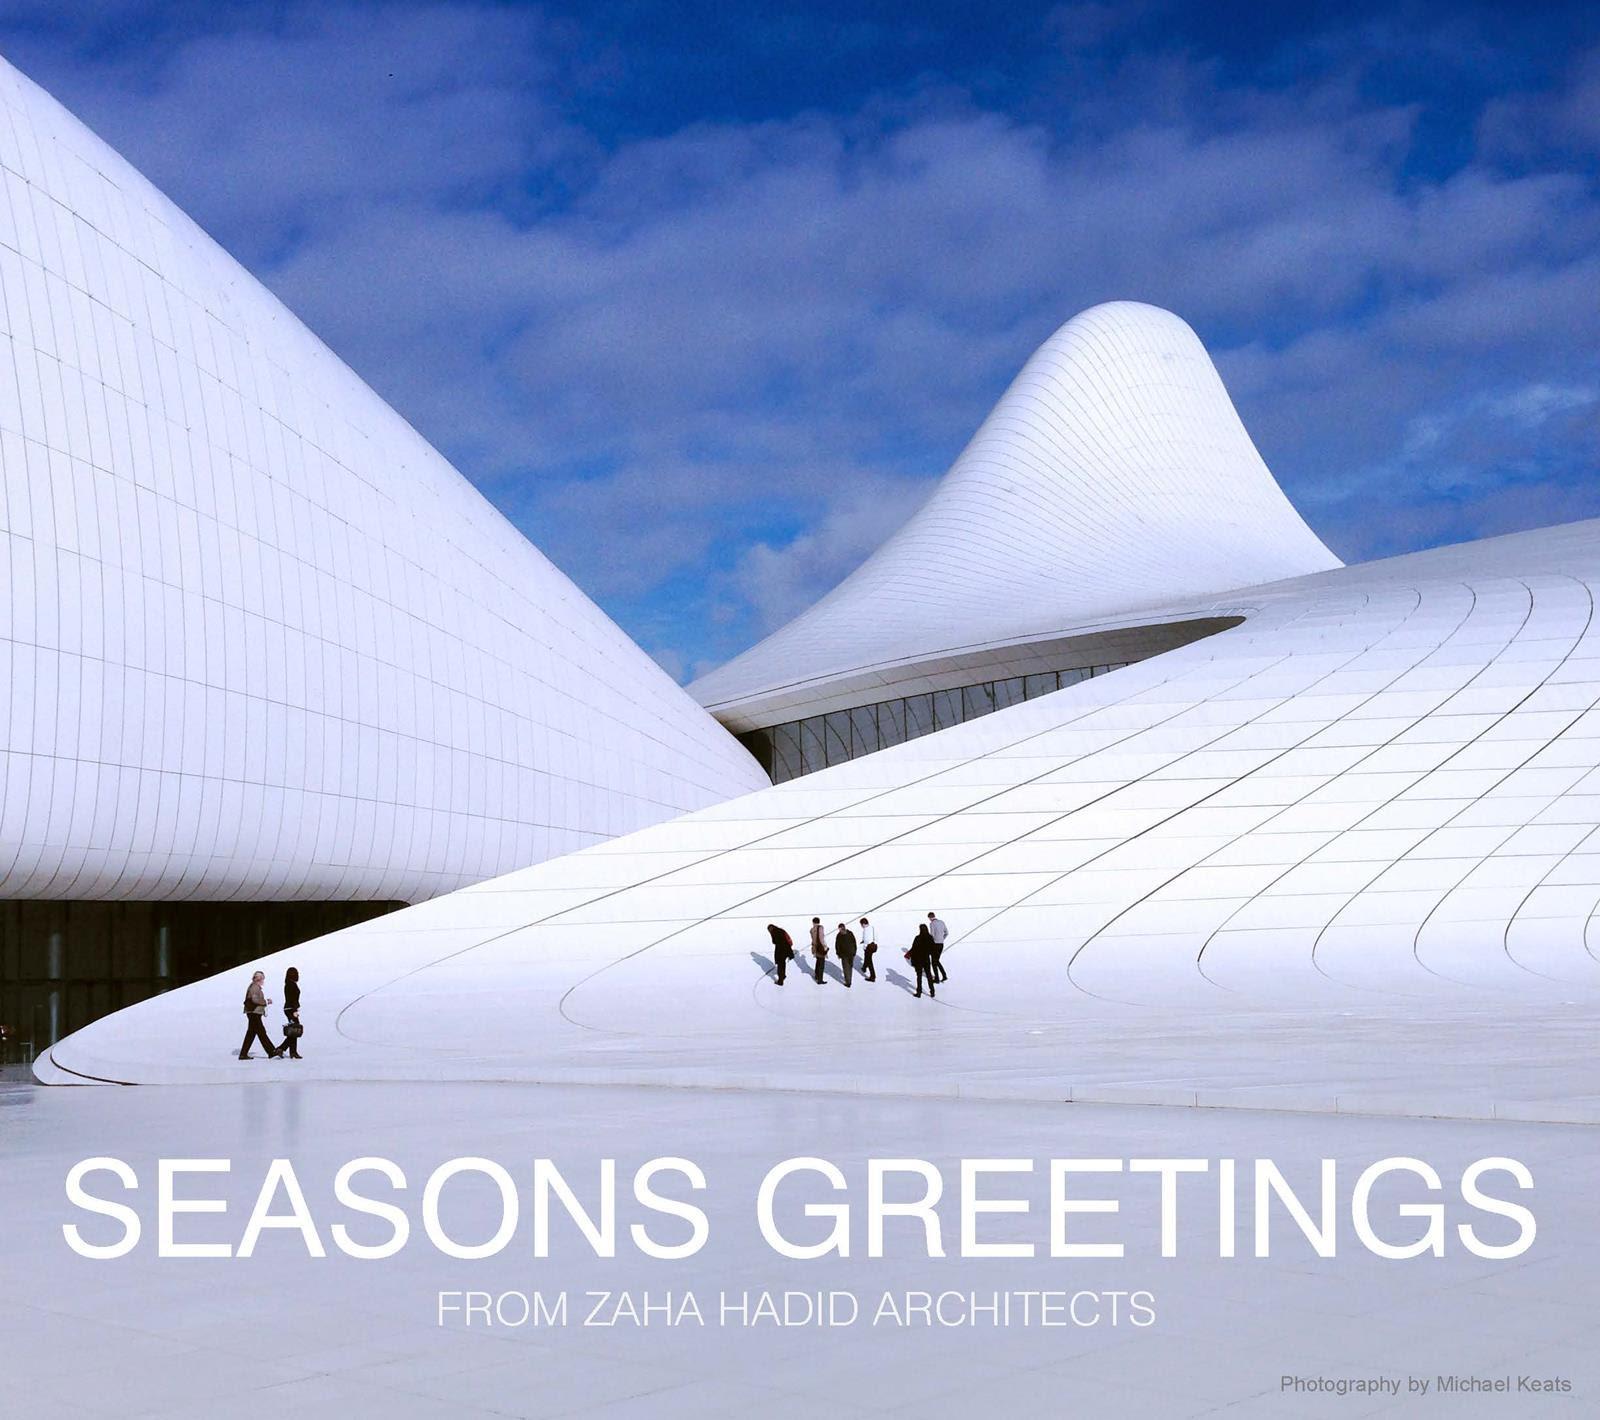 Saludos Navideños de los Arquitectos, Zaha Hadid Architects